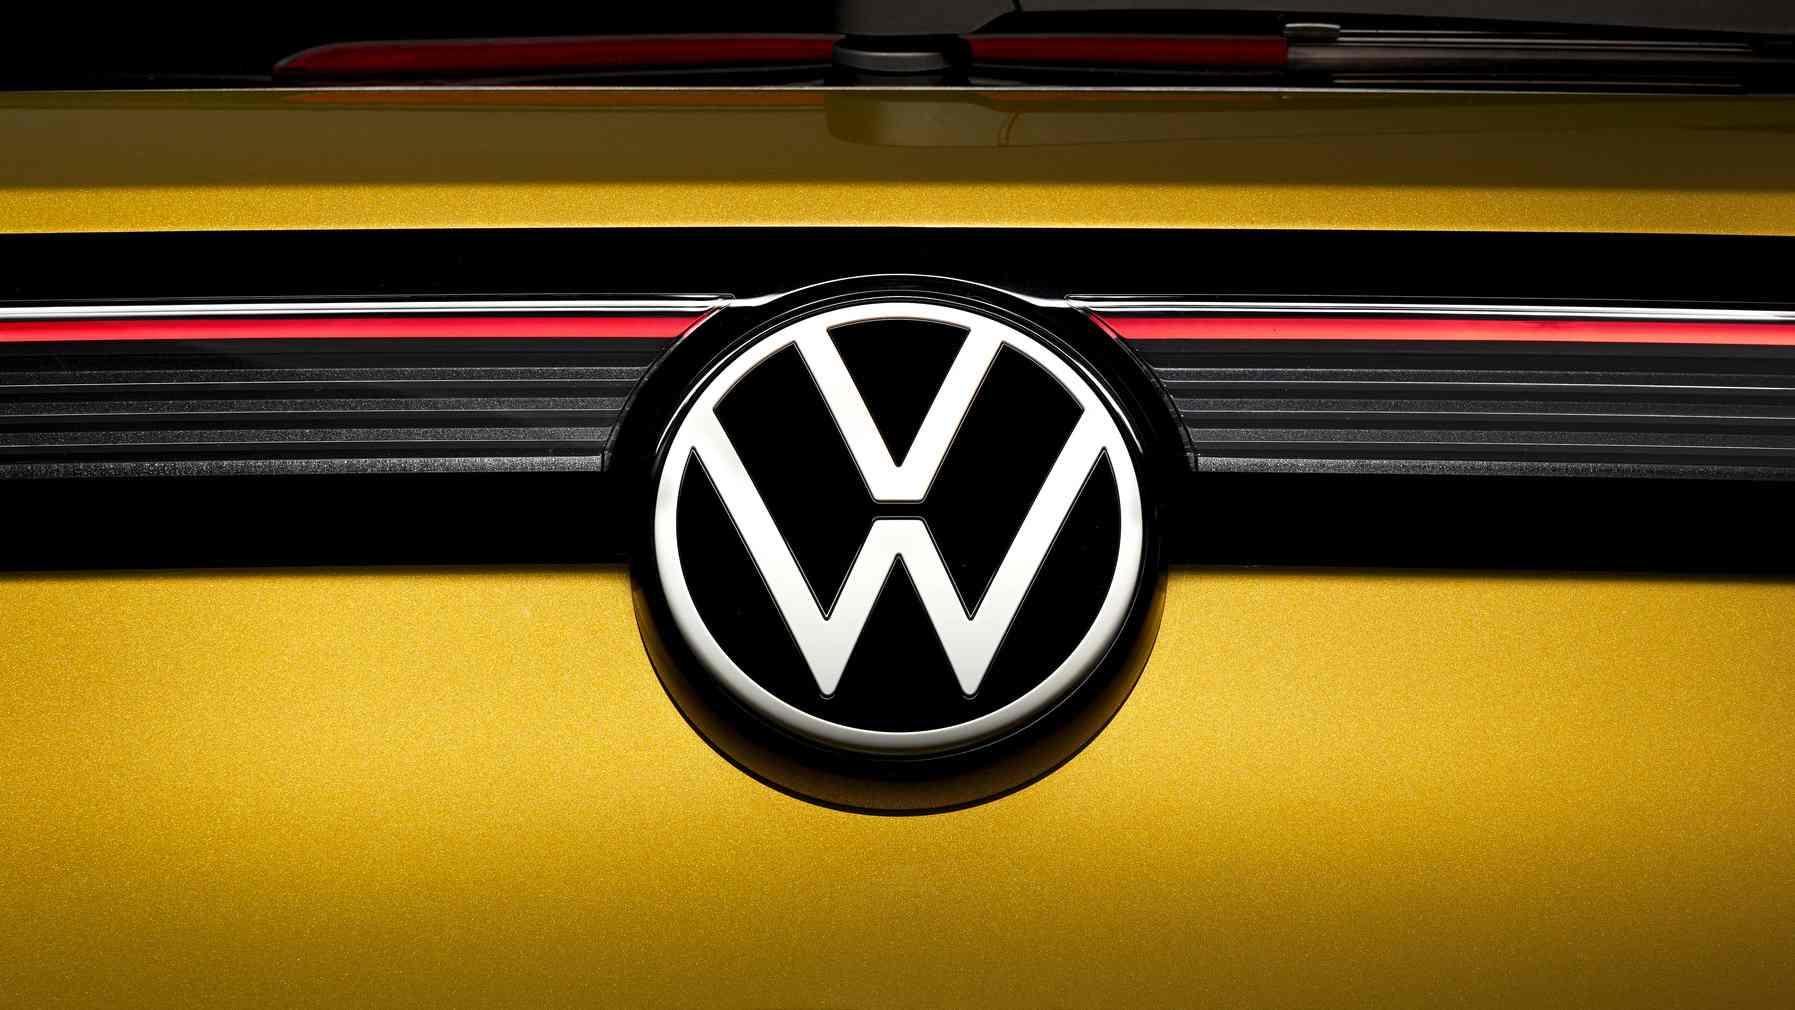 Les Véhicules Du Groupe Volkswagen Dotés D'une Connectivité Sans Fil